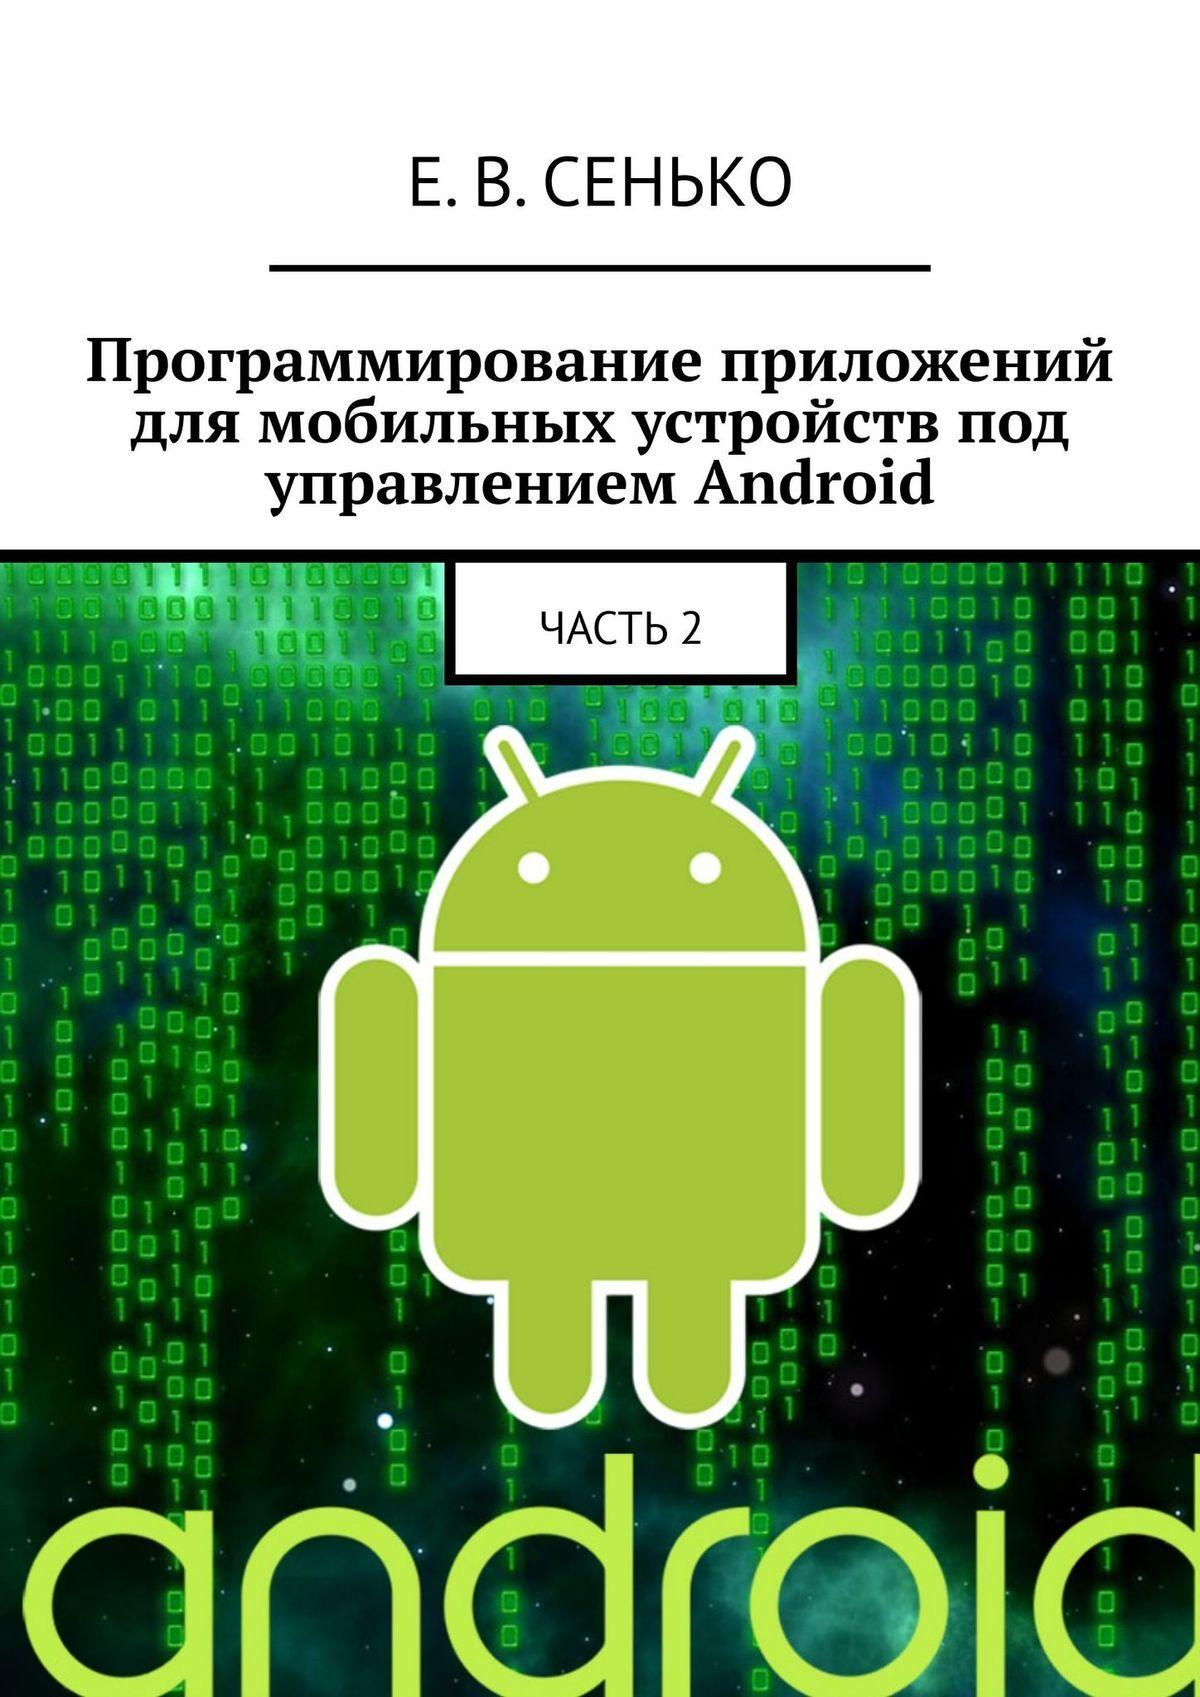 Евгений Сенько Программирование приложений для мобильных устройств под управлением Android. Часть2 крепление для мобильных устройств каркам км 101